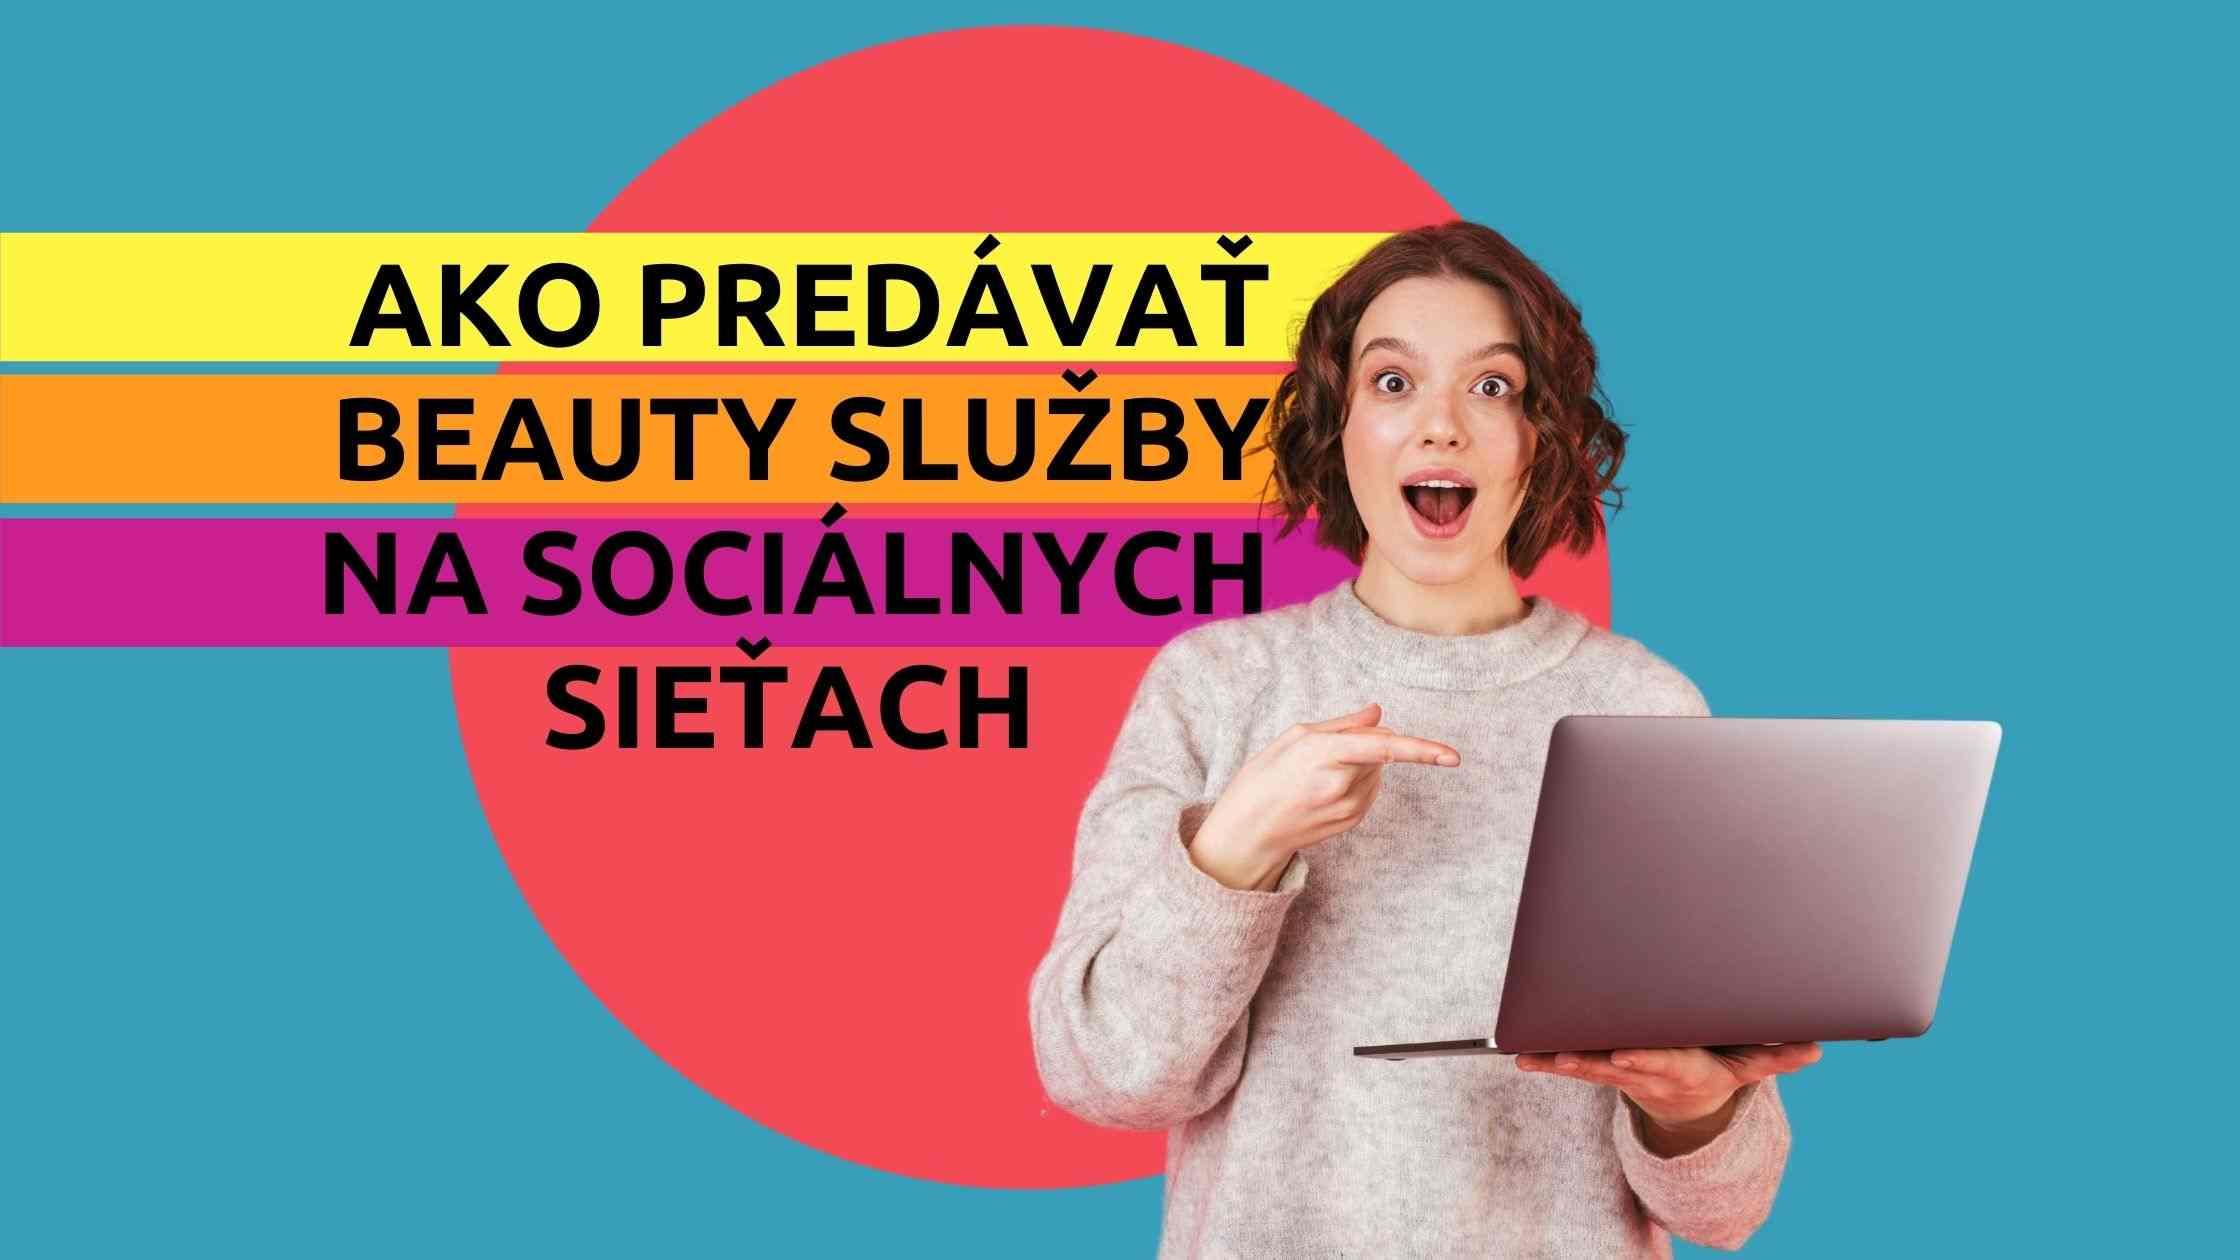 Článok na Marketing pre salóny - Ako predávať beauty služby na sociálnych sieťach